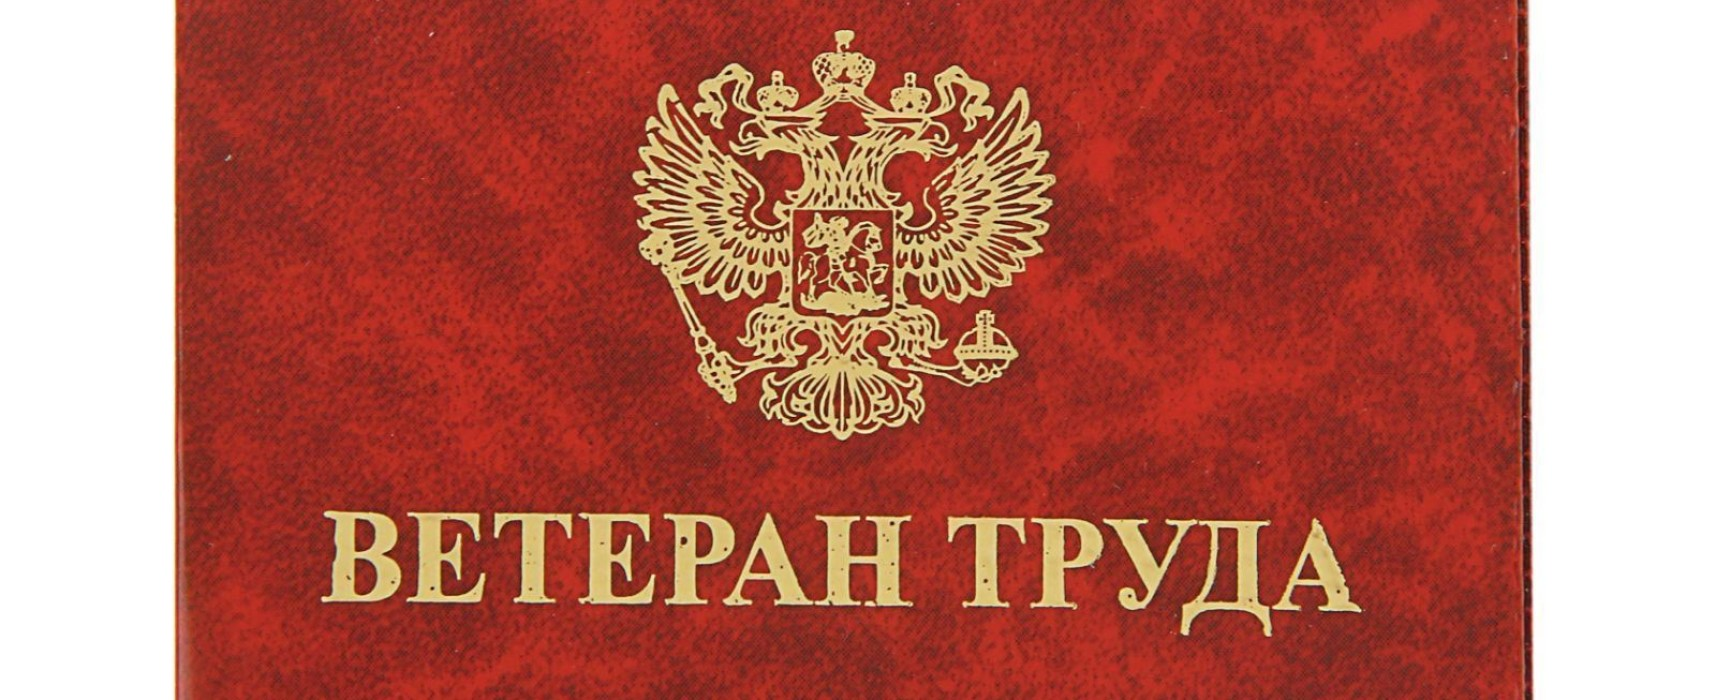 """Трудовой стаж для присвоения звания """"Ветеран труда"""""""